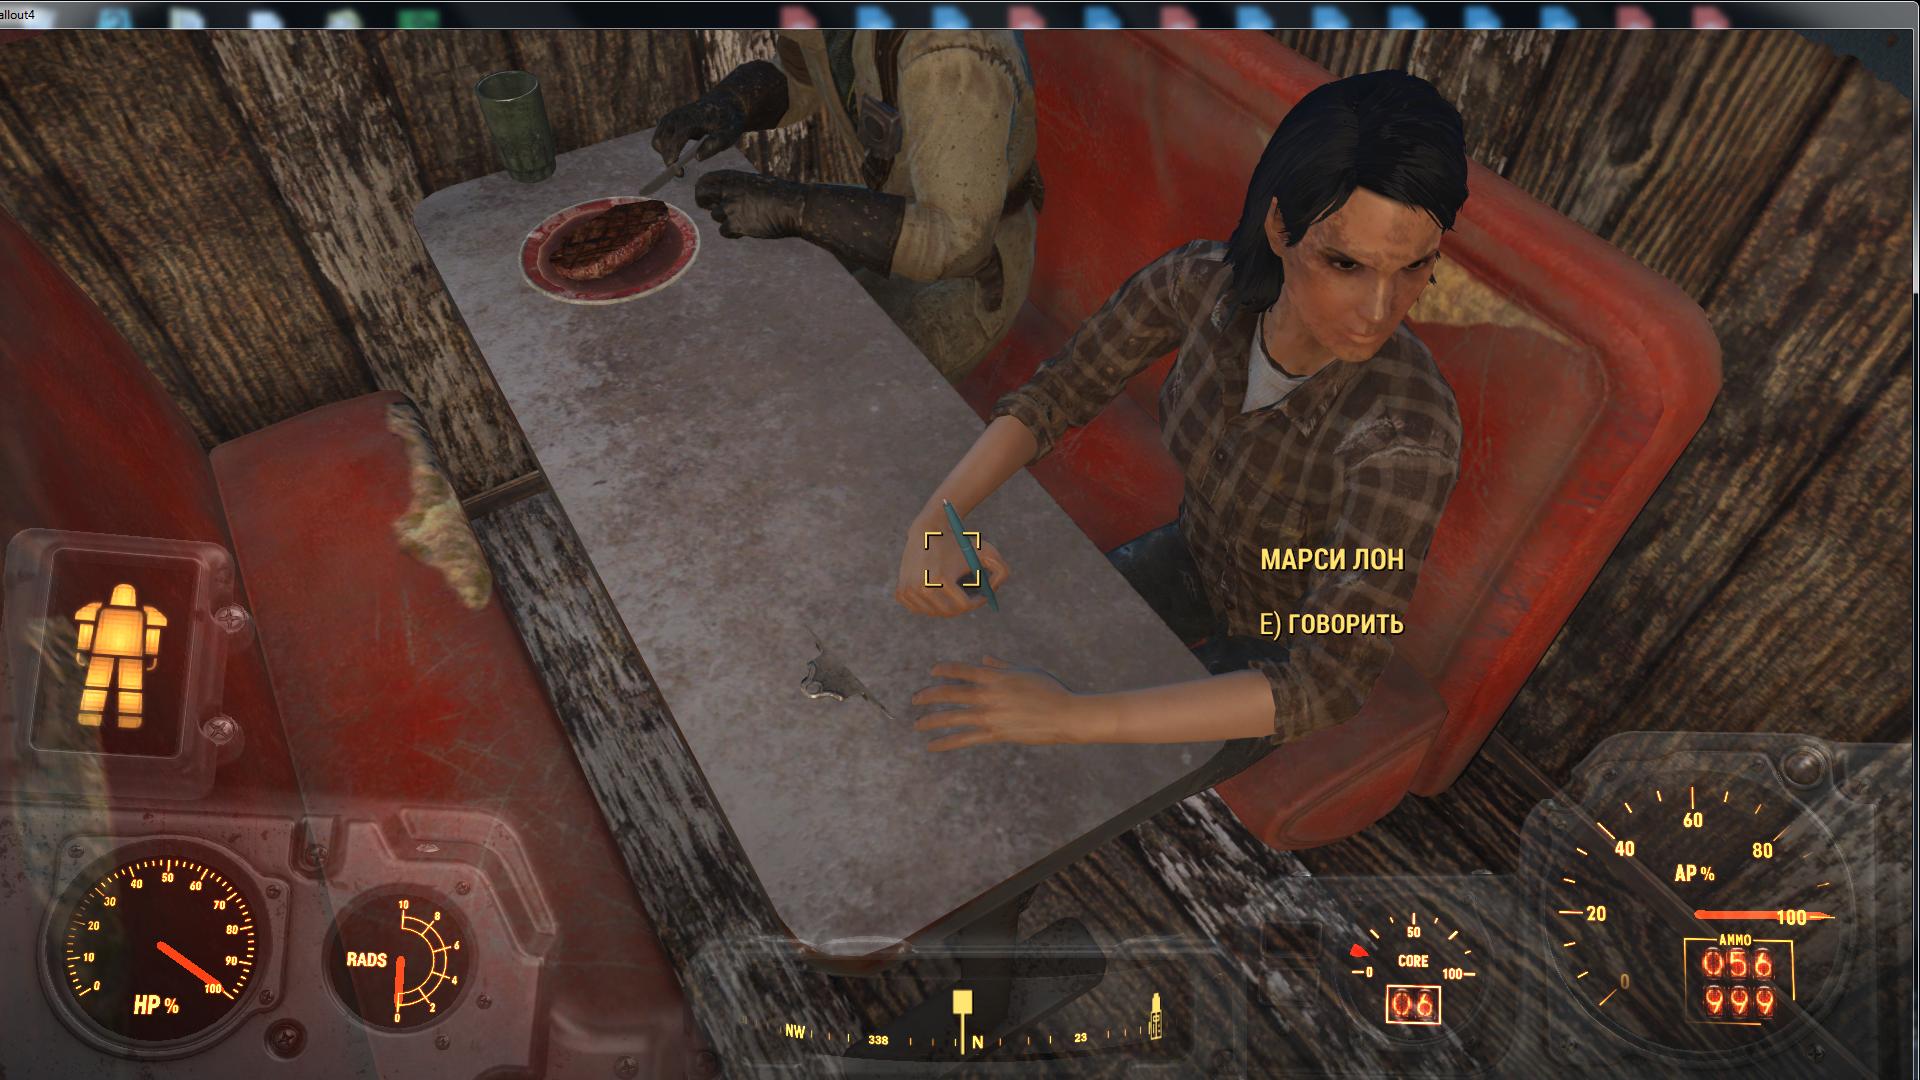 Поселенец пишет на столе. - Fallout 4